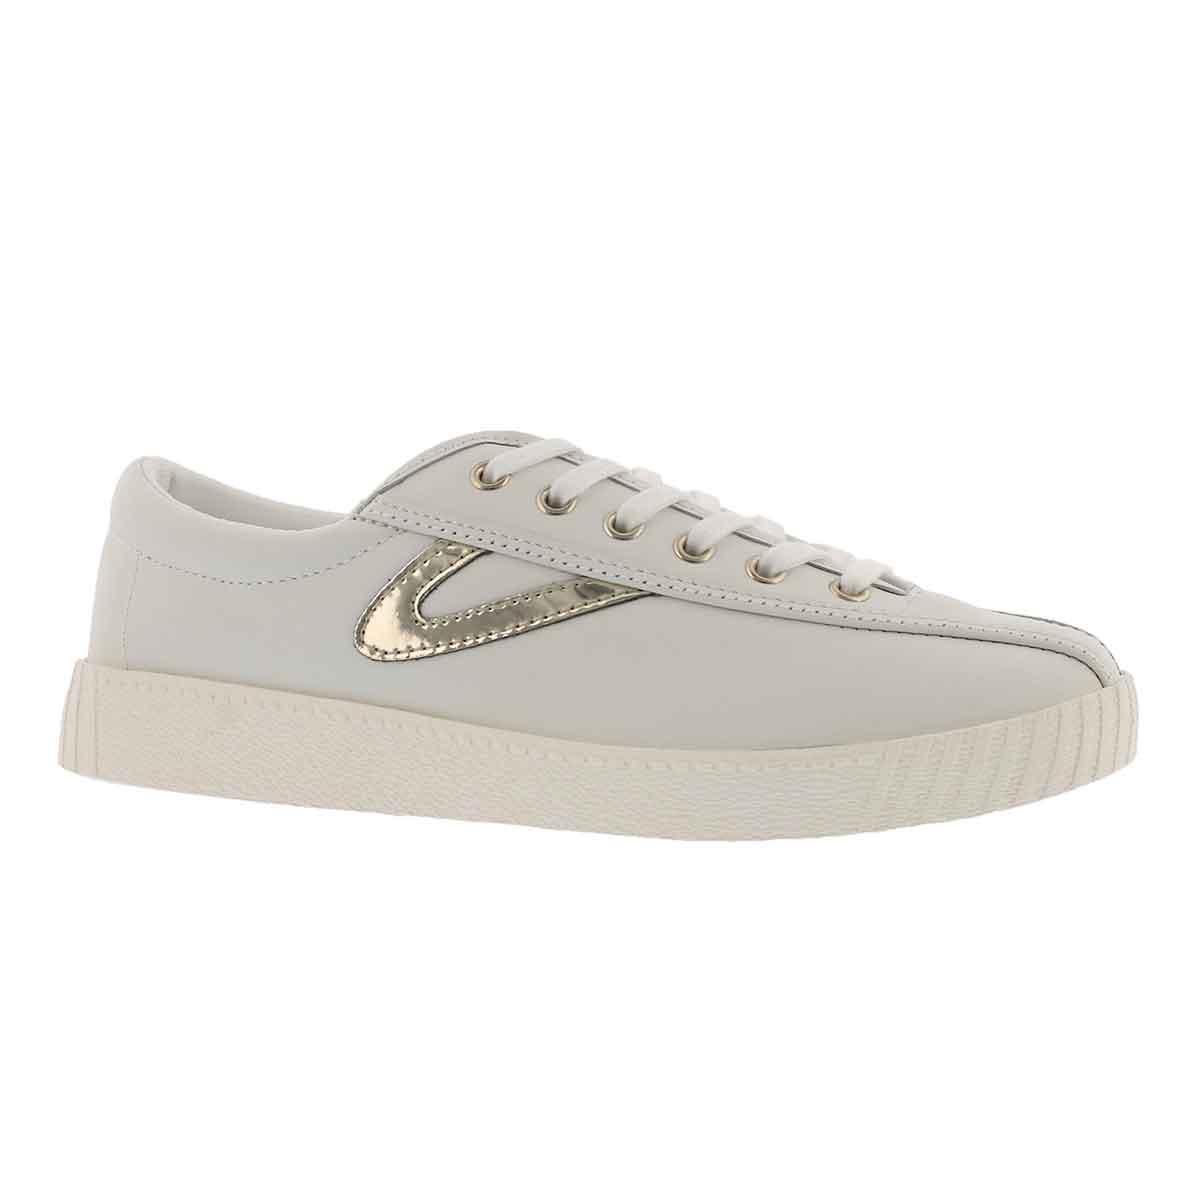 Women's NYLITE 2 PLUS white/gold sneakers